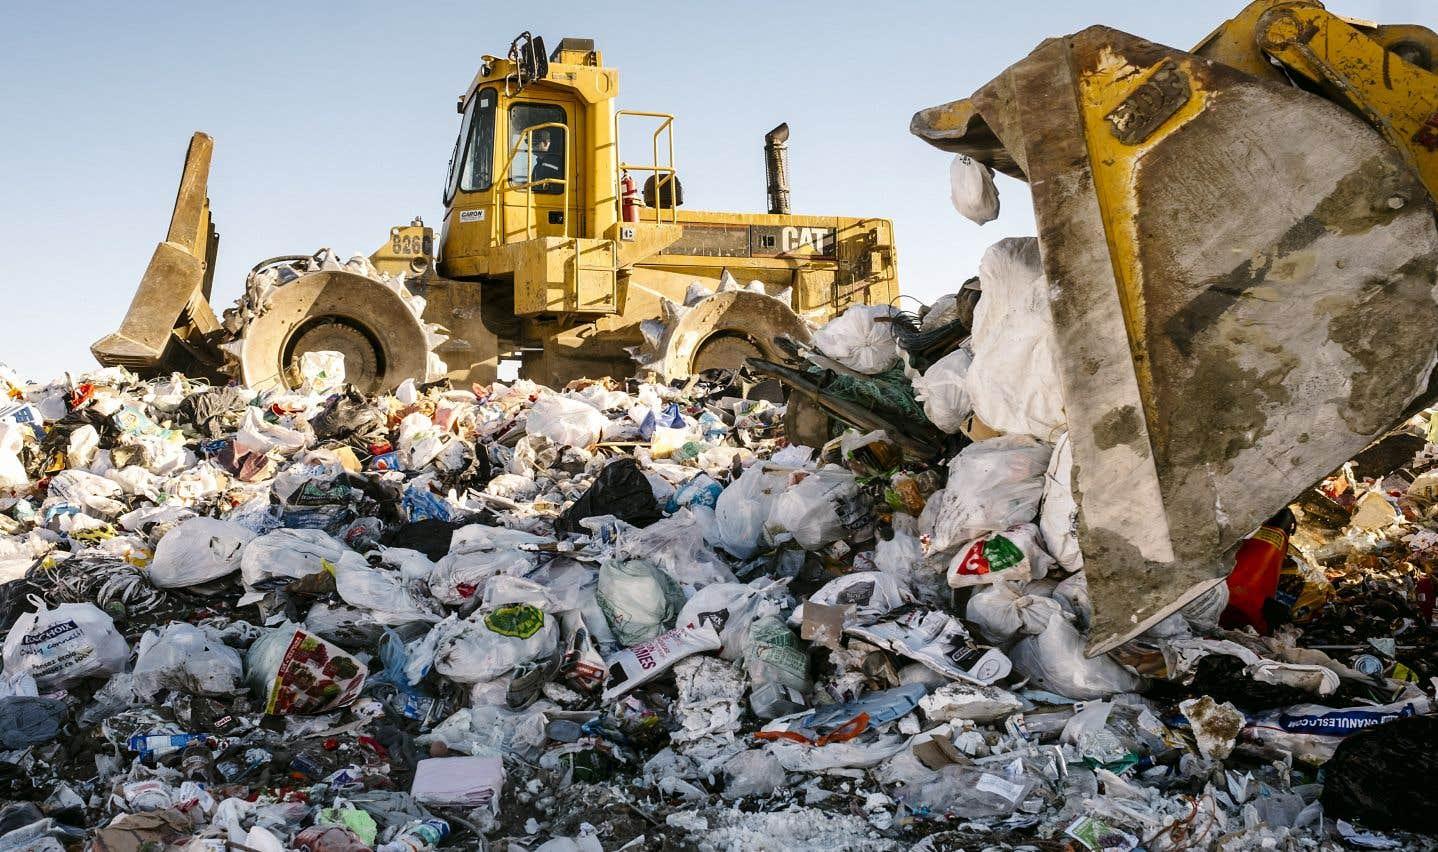 L'économie circulaire permet de diminuer la quantité de déchets qui finissent dans des sites d'enfouissement.